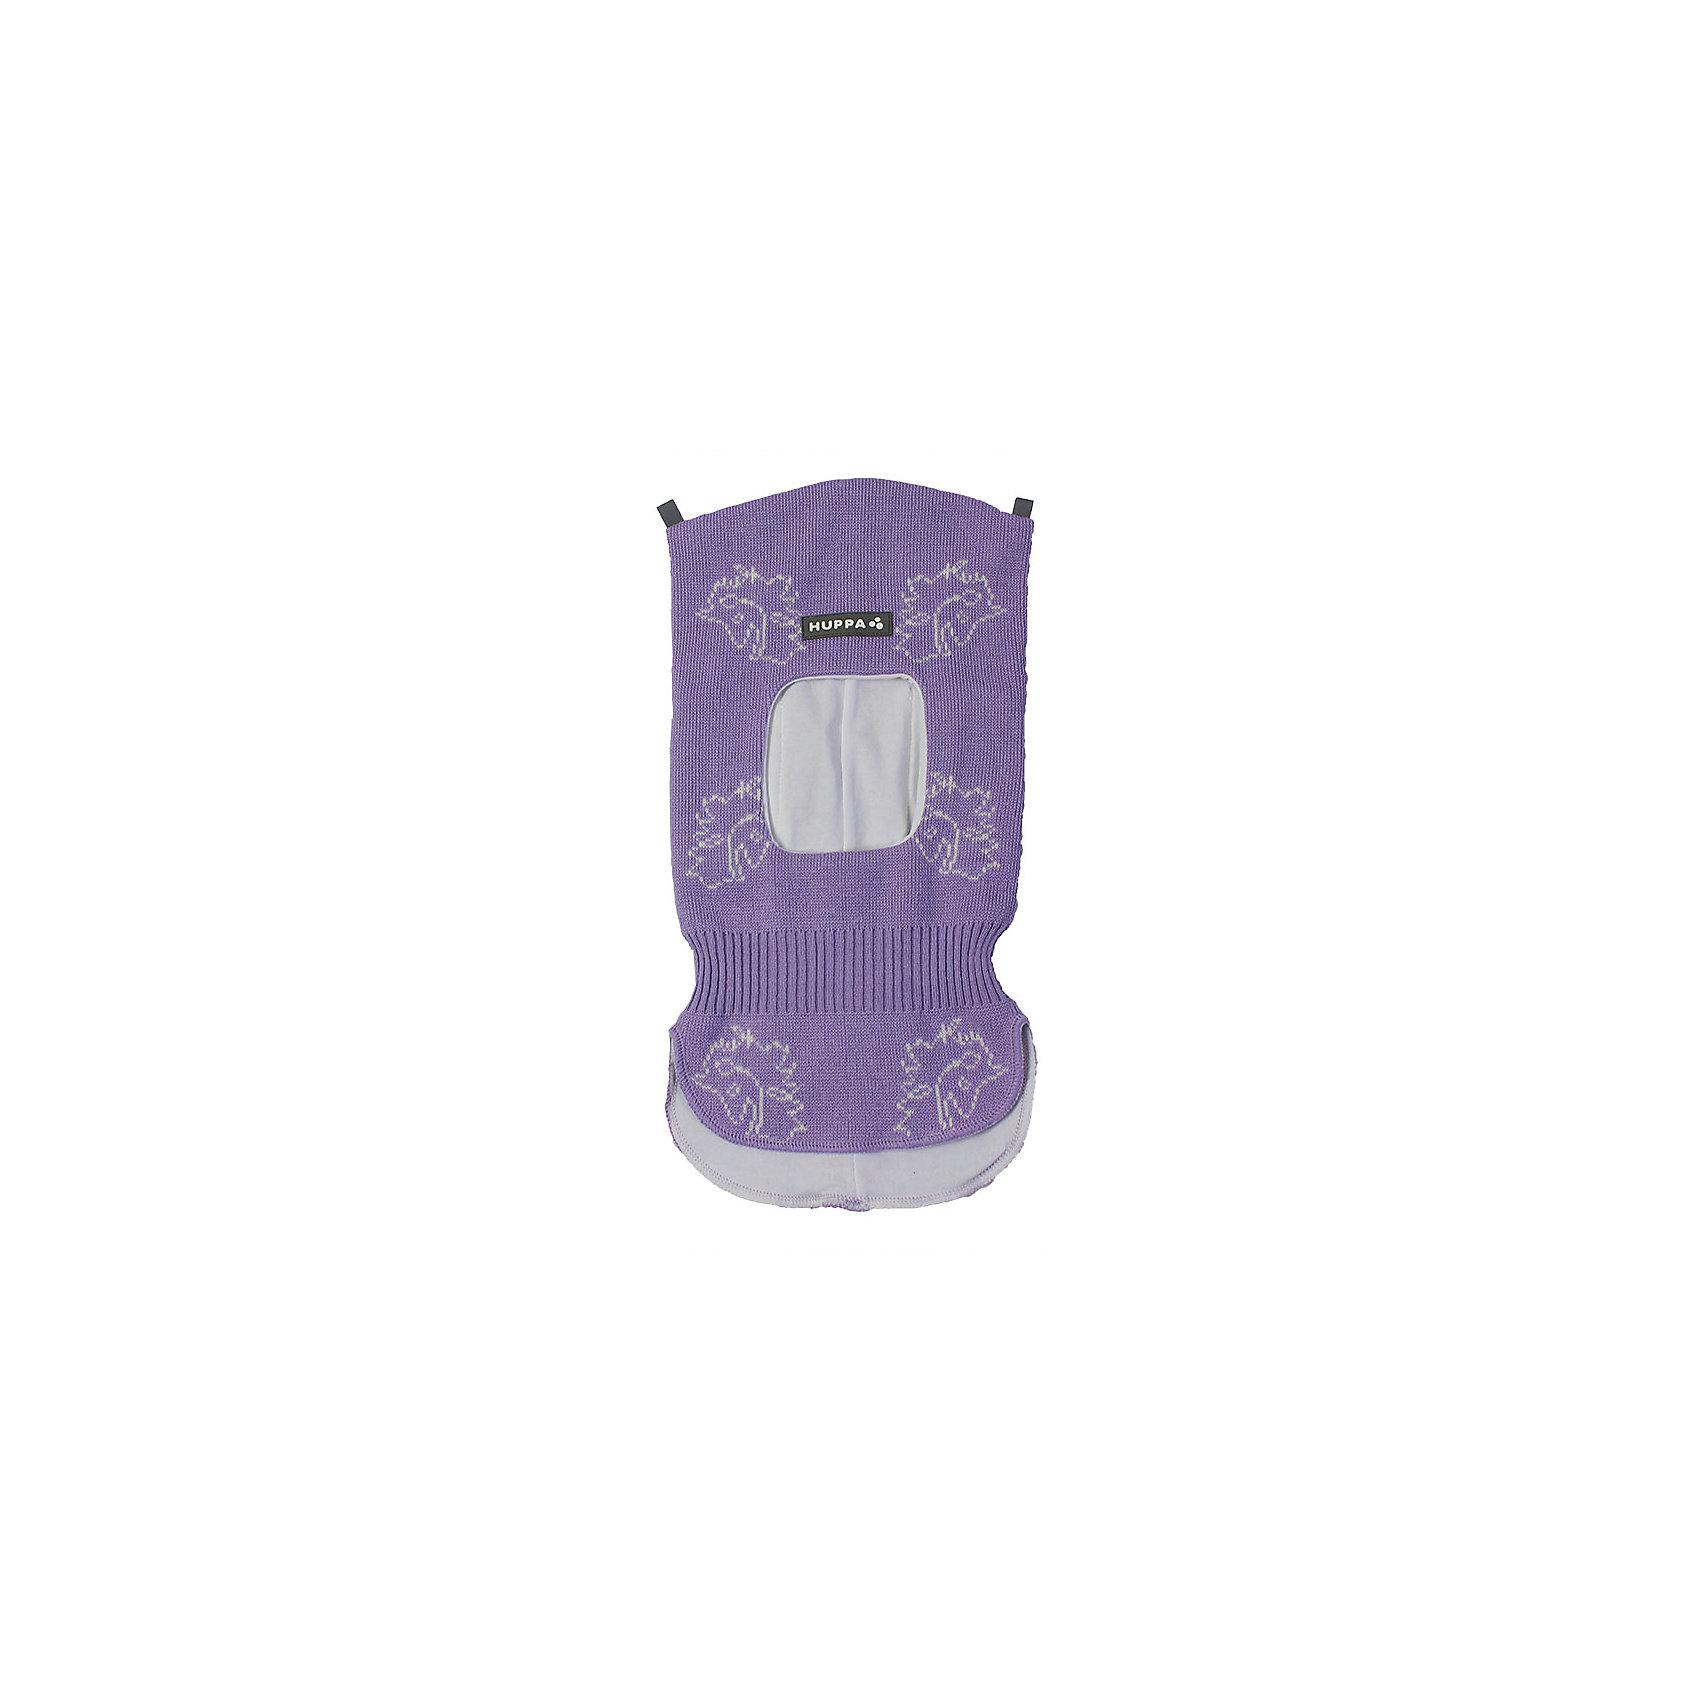 Шапка-шлем SELAH для девочки HuppaГоловные уборы<br>Характеристики товара:<br><br>• цвет: сиреневый принт<br>• состав: 50% хлопок, 50% акрил<br>• подкладка: трикотаж - 100% хлопок<br>• температурный режим: от -5°С до +10°С<br>• демисезонная<br>• мягкая резинка на шее<br>• логотип<br>• комфортная посадка<br>• мягкий материал<br>• страна бренда: Эстония<br><br>Эта шапка обеспечит детям тепло и комфорт. Она сделана из приятного на ощупь мягкого материала. Шапка очень симпатично смотрится, а дизайн и расцветка позволяют сочетать её с различной одеждой. Модель была разработана специально для детей.<br><br>Одежда и обувь от популярного эстонского бренда Huppa - отличный вариант одеть ребенка можно и комфортно. Вещи, выпускаемые компанией, качественные, продуманные и очень удобные. Для производства изделий используются только безопасные для детей материалы. Продукция от Huppa порадует и детей, и их родителей!<br><br>Шапку-шлем SELAH от бренда Huppa (Хуппа) можно купить в нашем интернет-магазине.<br><br>Ширина мм: 89<br>Глубина мм: 117<br>Высота мм: 44<br>Вес г: 155<br>Цвет: розовый<br>Возраст от месяцев: 6<br>Возраст до месяцев: 12<br>Пол: Женский<br>Возраст: Детский<br>Размер: 43-45,51-53,47-49<br>SKU: 5347621